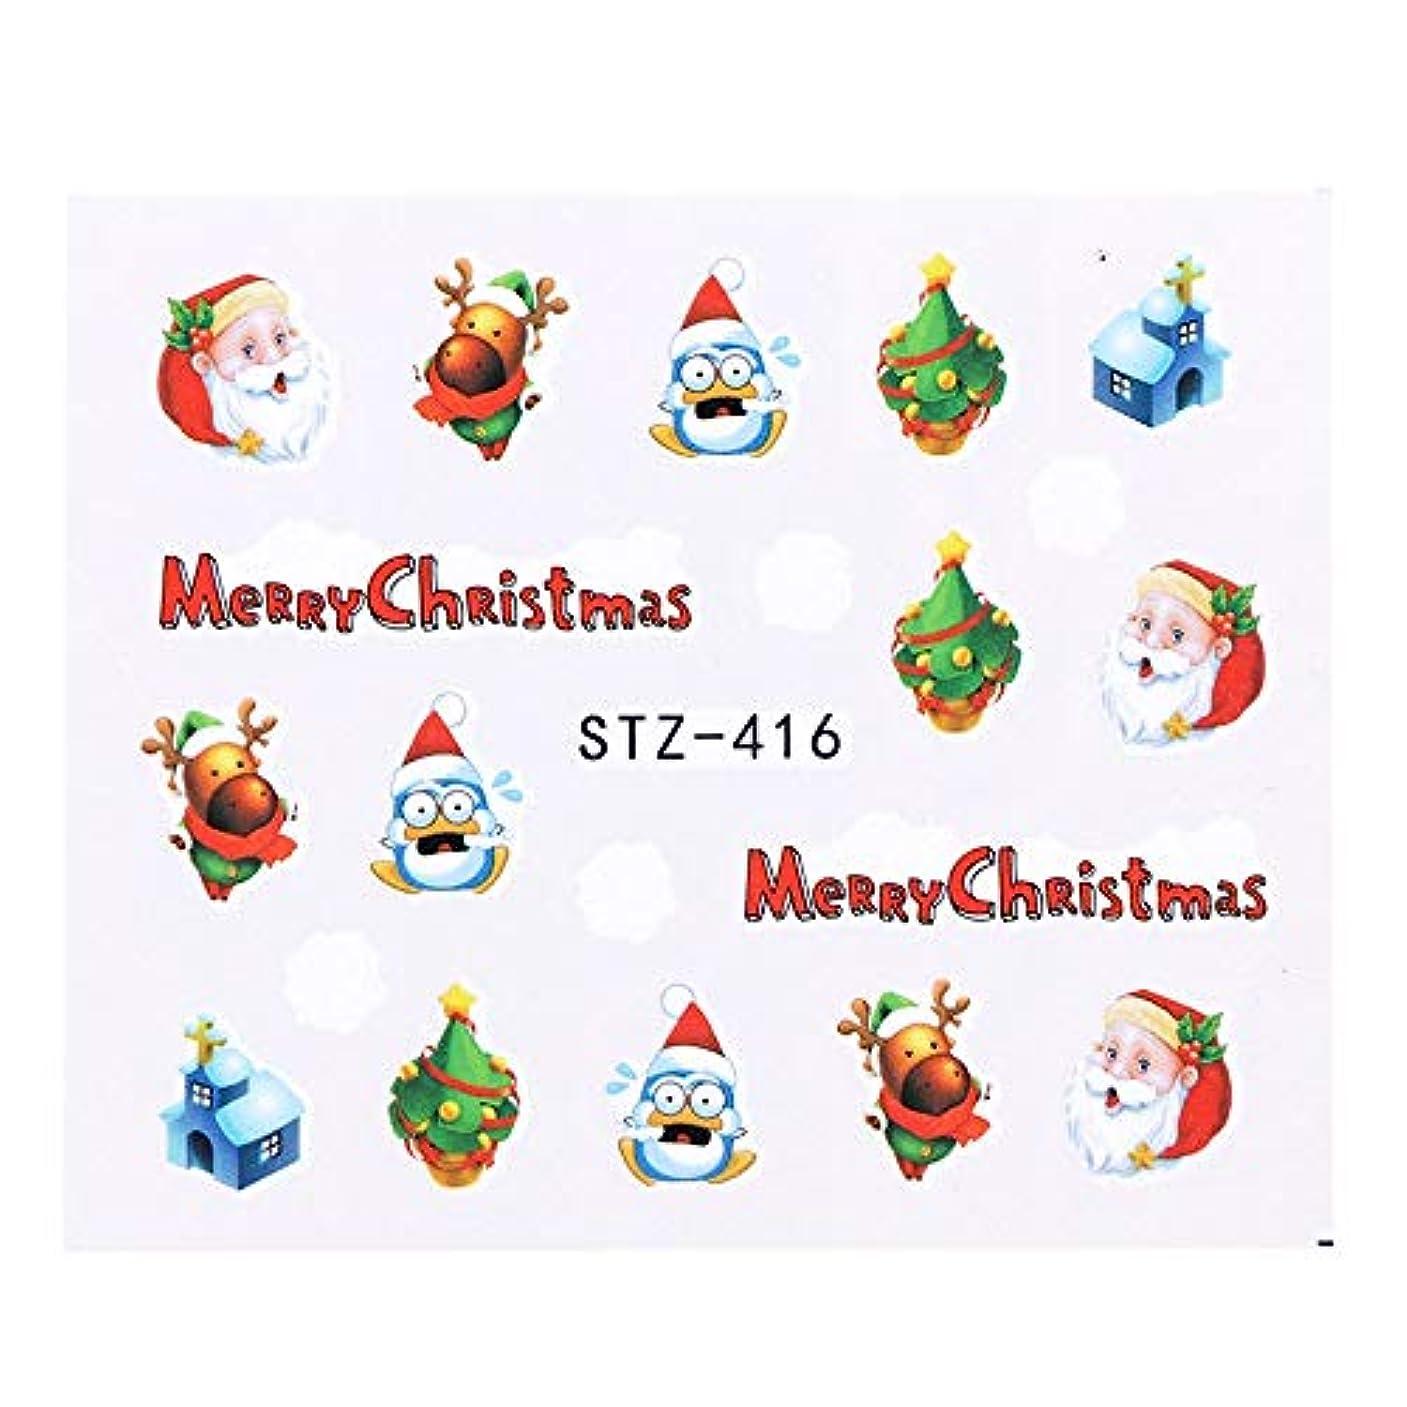 記述する簡単な以前は1シートクリスマスネイルアートウォーターステッカー漫画ヘラジカ雪だるまフルカバースライダーのヒントポーランドゲルジェルネイル装飾SASTZ405-438 STZ416